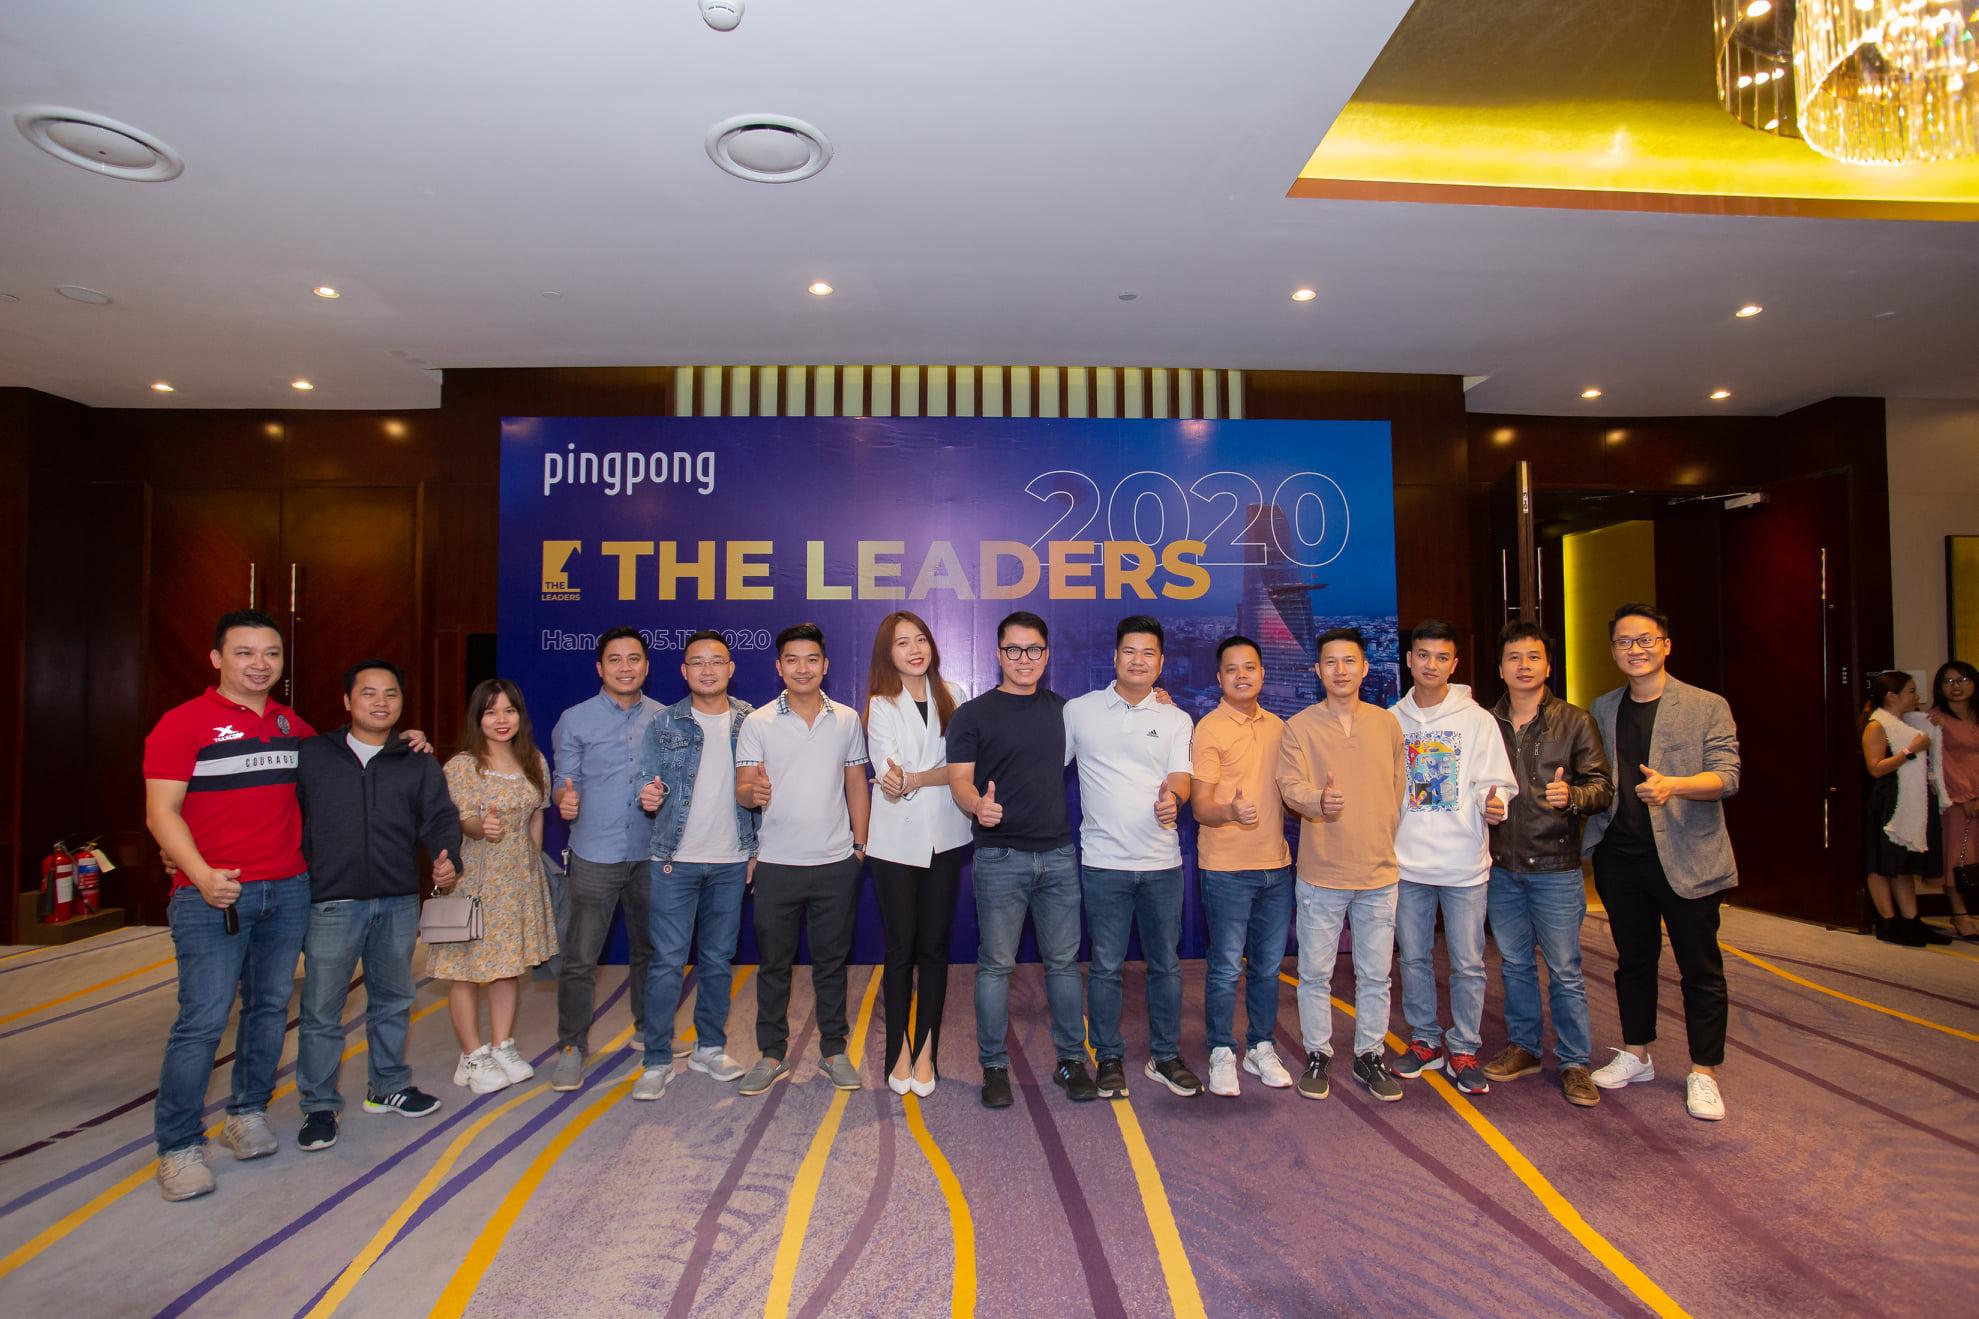 Tham Gia Cộng Đồng PingPong Việt Nam